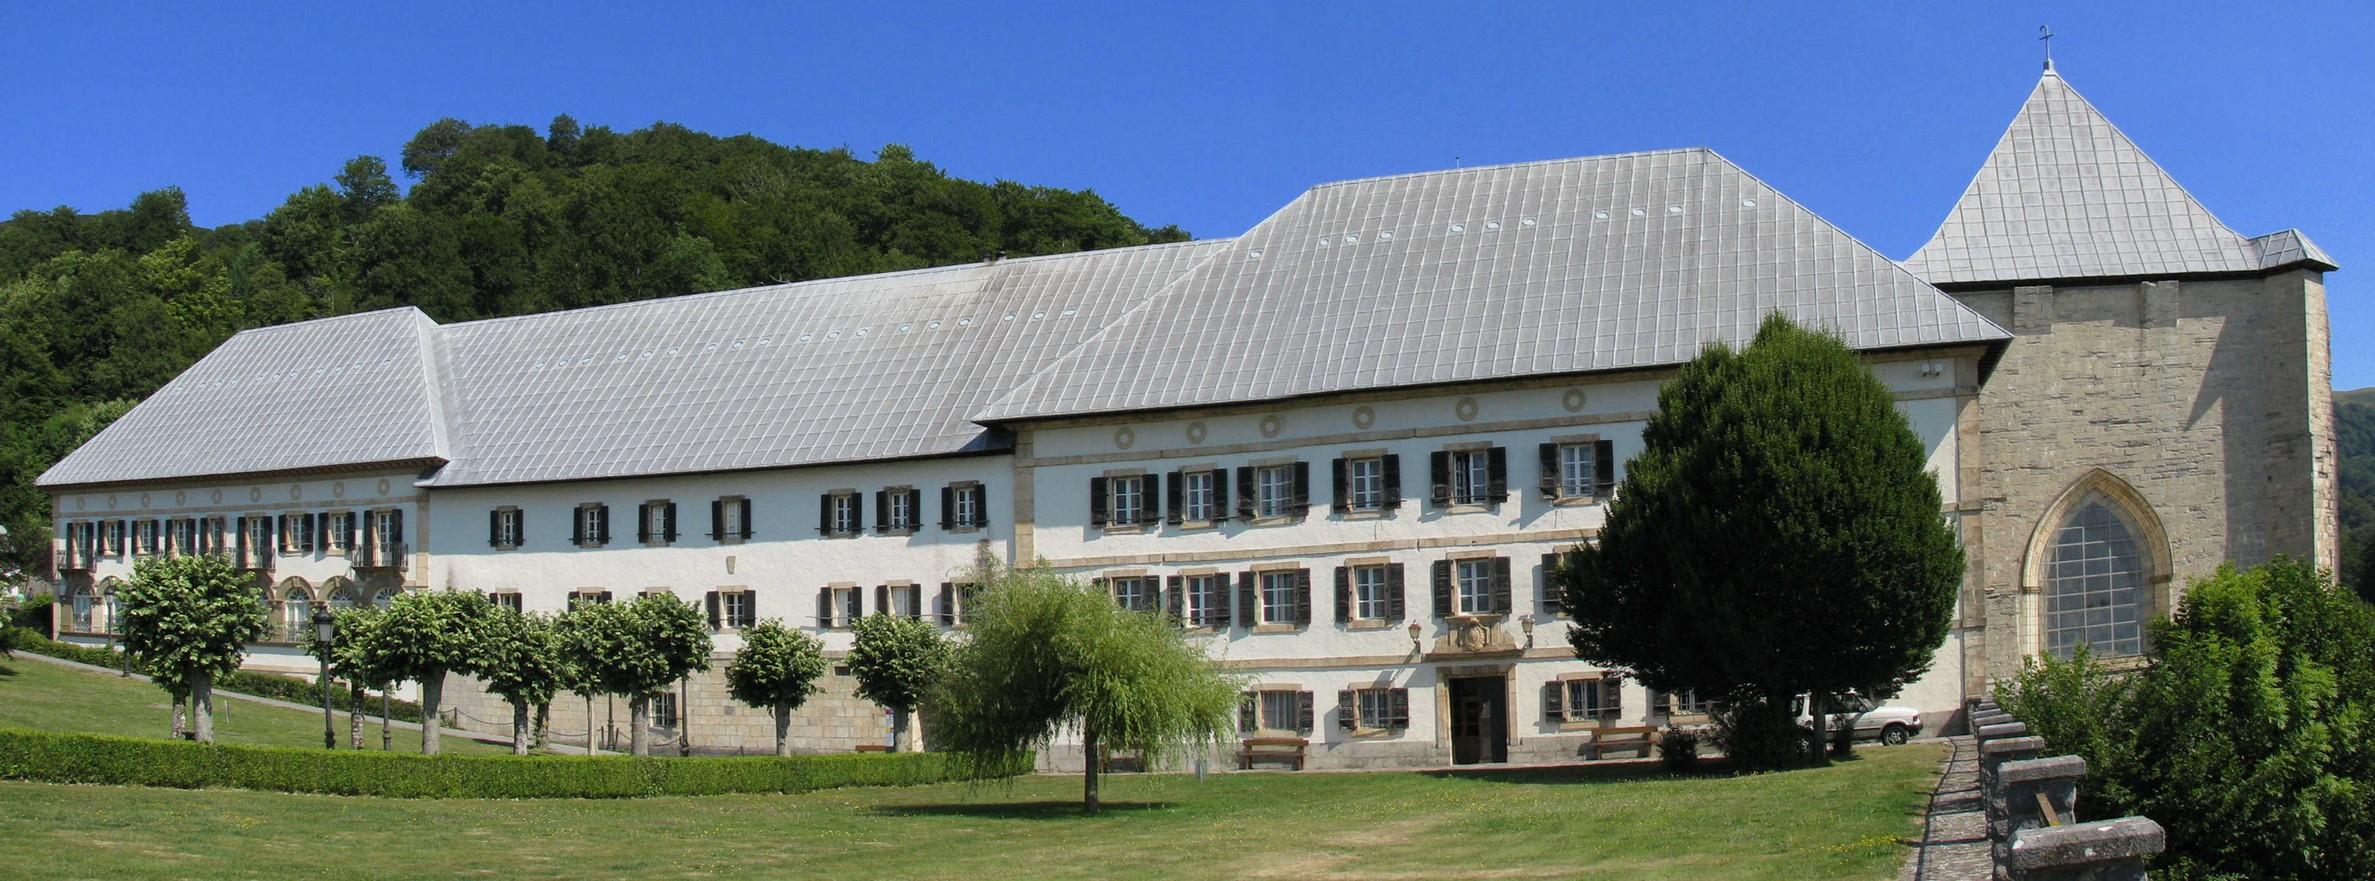 Roncevaux - Pays Basque - Saint Jacques de Compostelle - Coupdecoeurbasque.fr